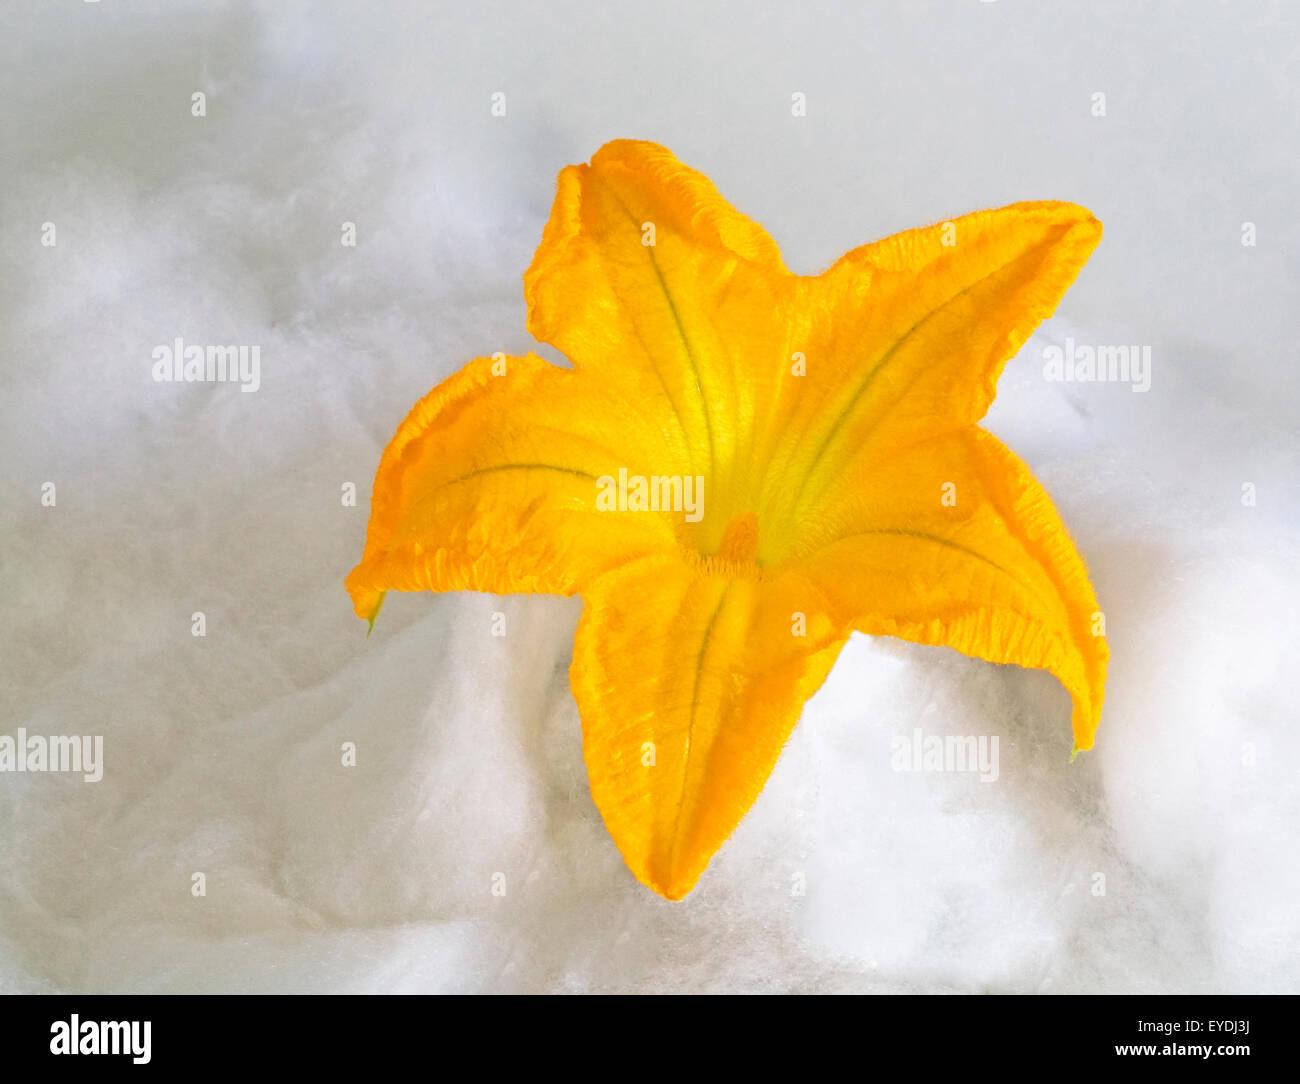 El interior de una flor de zapallo italiano Imagen De Stock